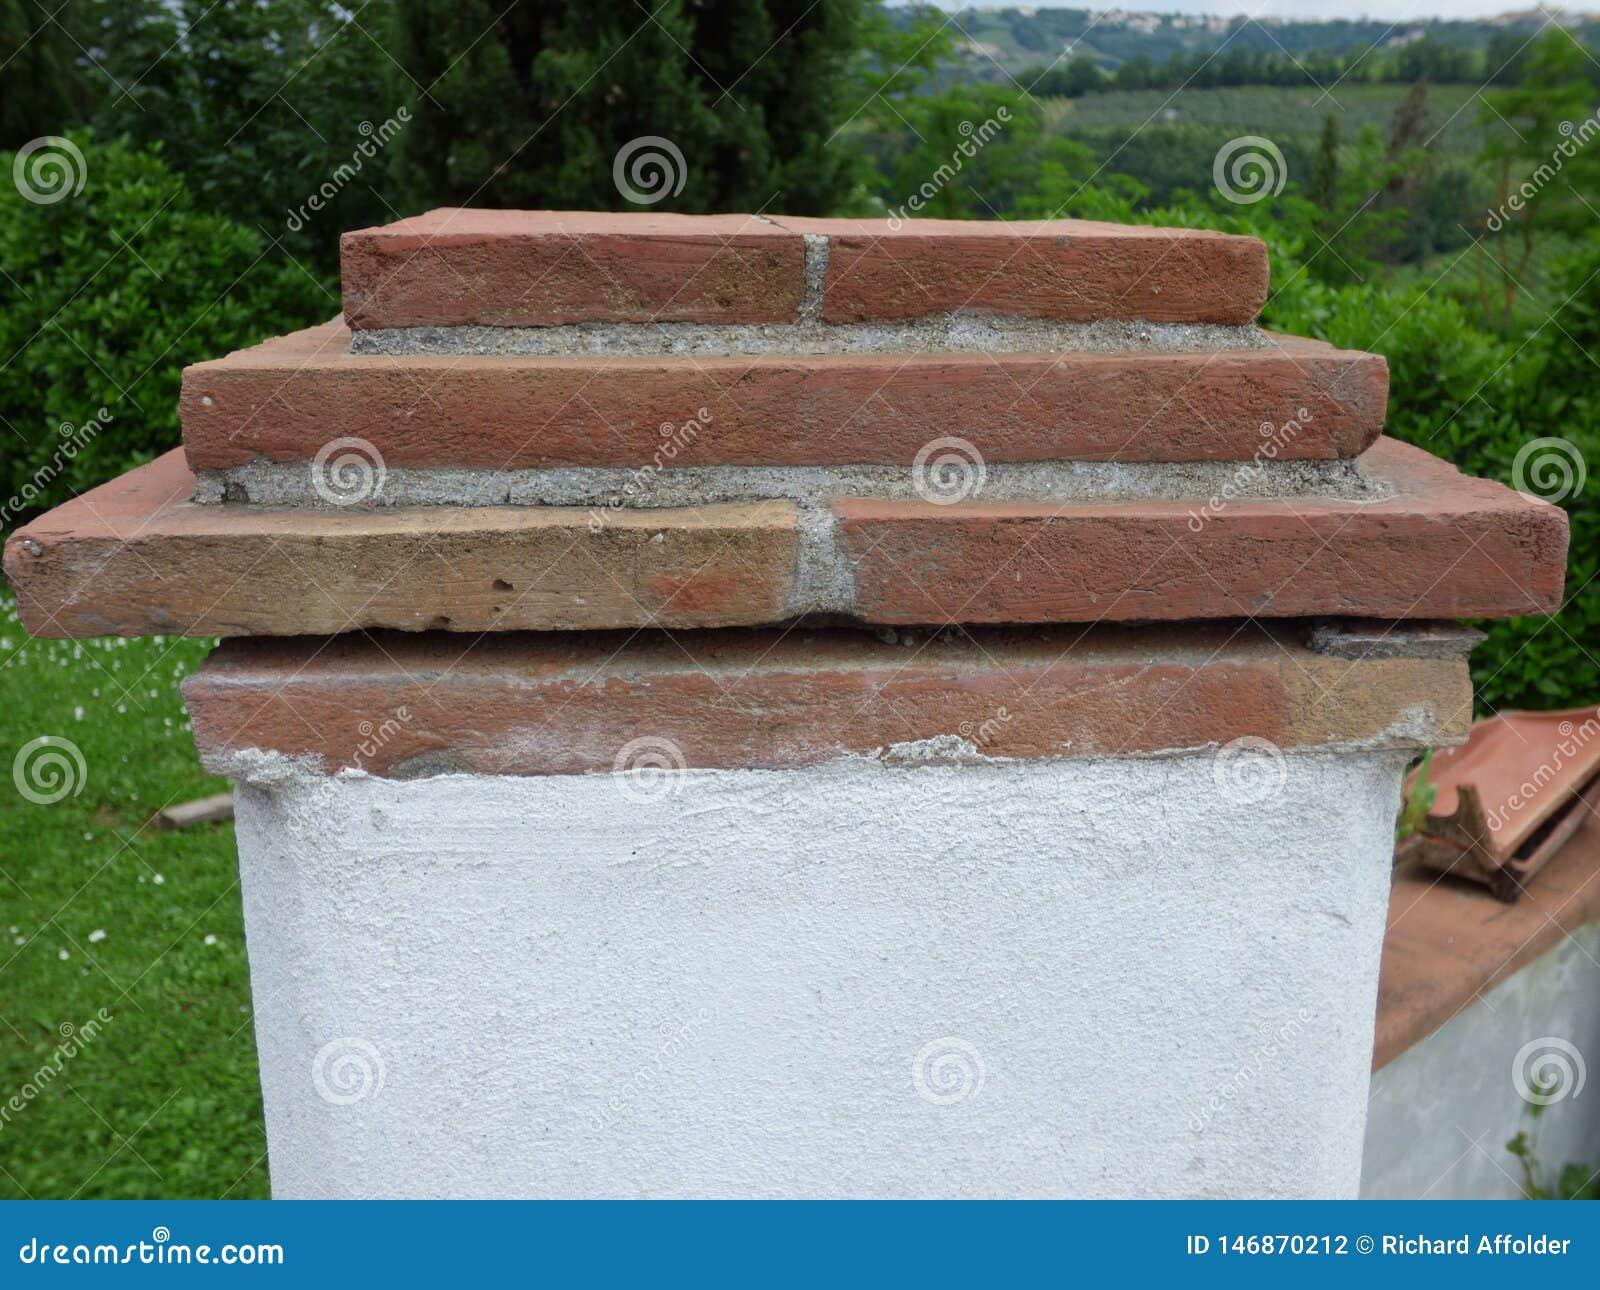 Betonpfosten am Ende einer Wand mit einer Kappe des roten Backsteins